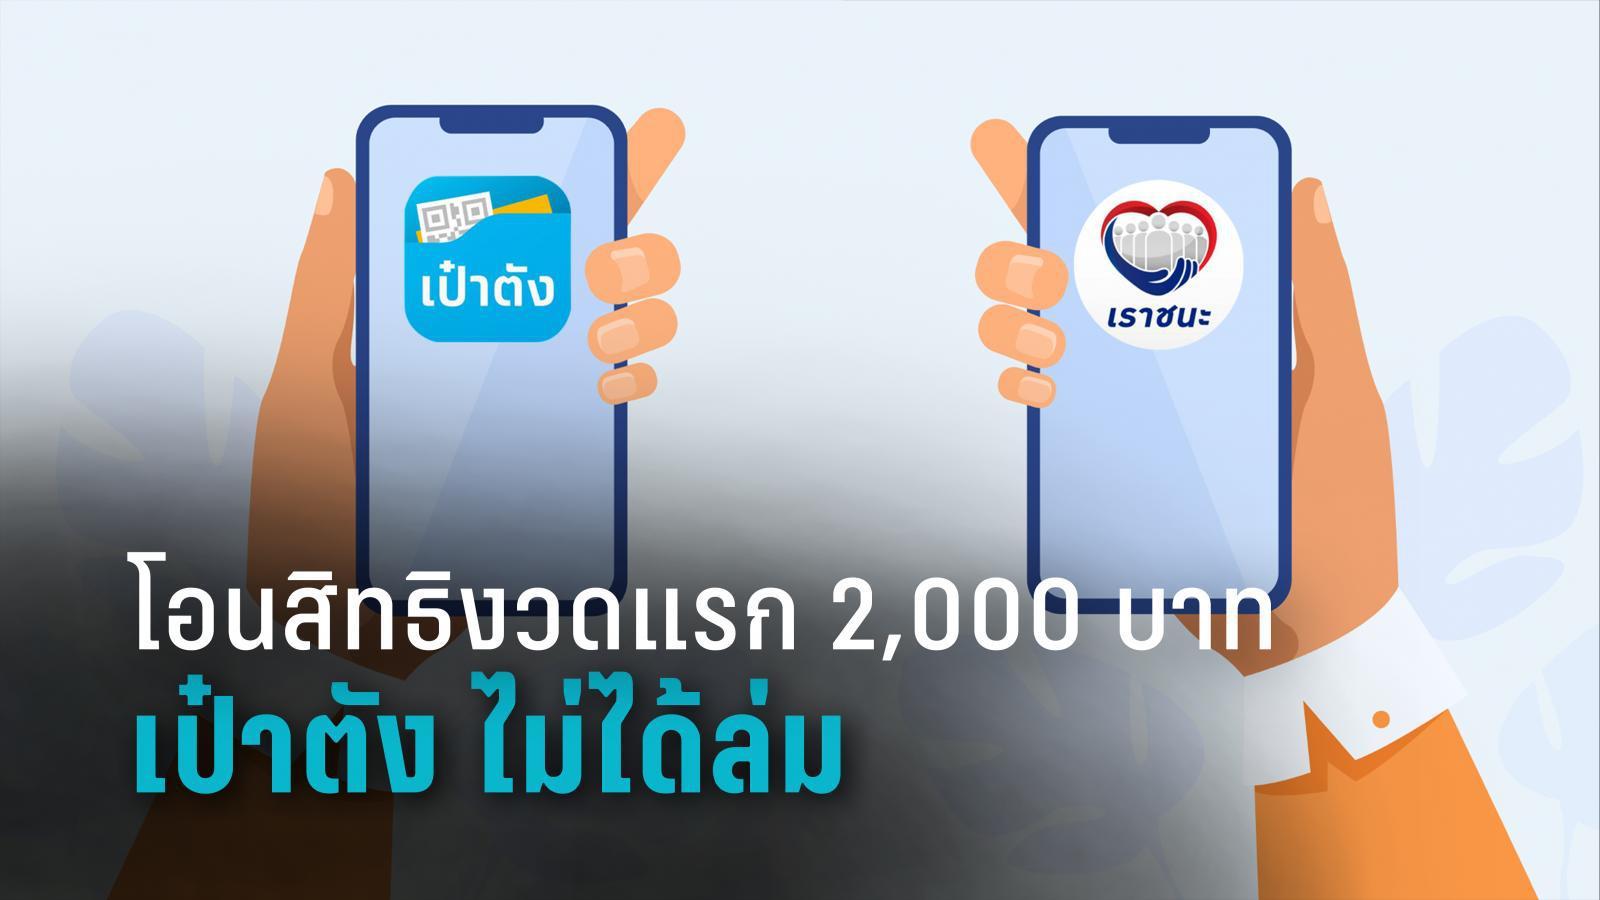 """เราชนะ โอนสิทธิงวดแรก 2,000 บาท กรุงไทย ยันแอป""""เป๋าตัง""""ไม่ได้ล่ม"""